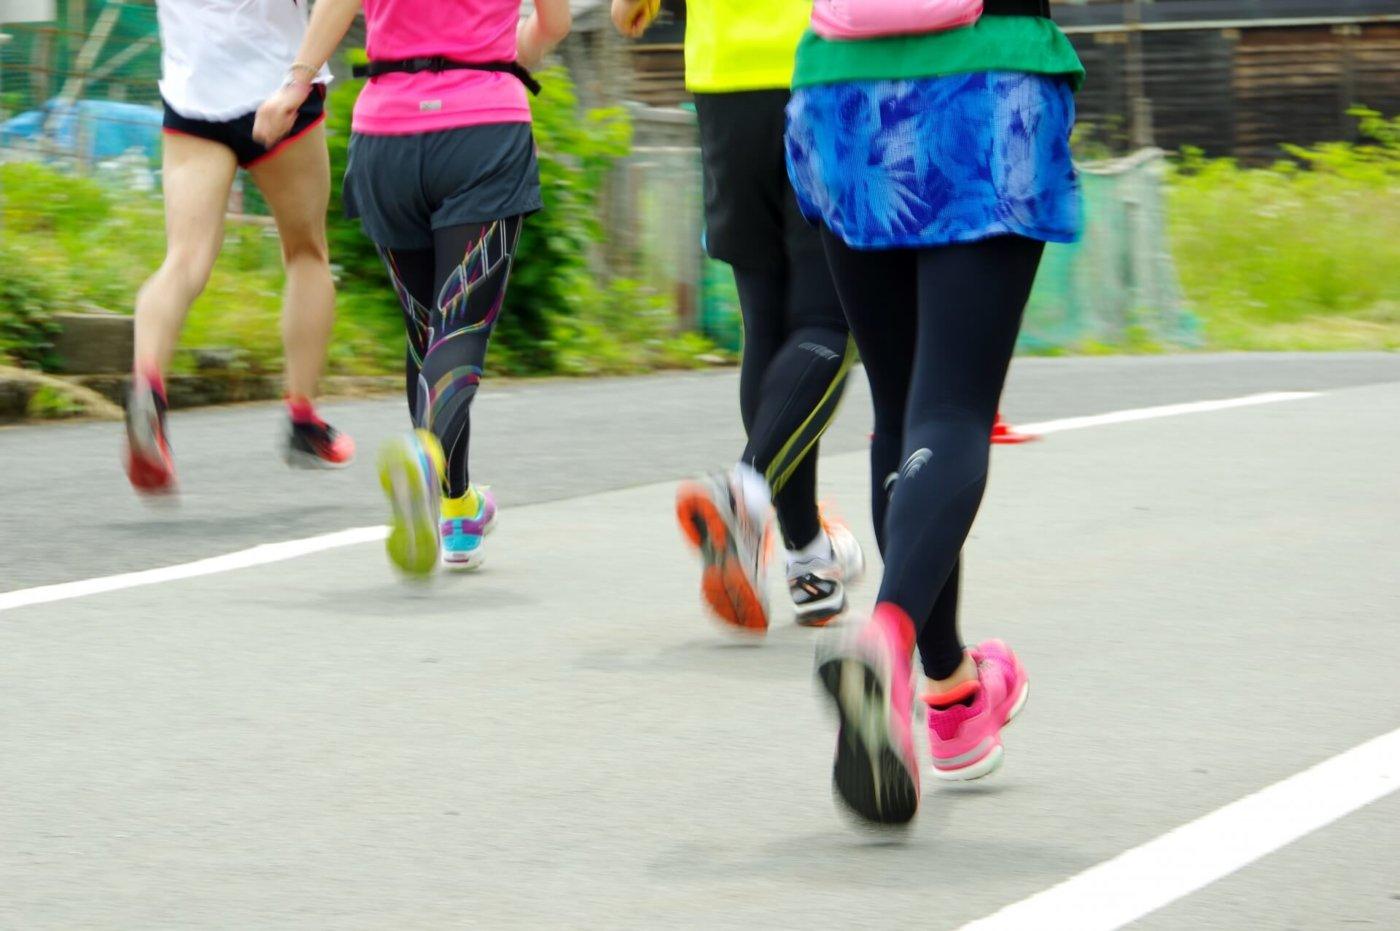 大会に出るための準備!マラソンの様々なトレーニング法